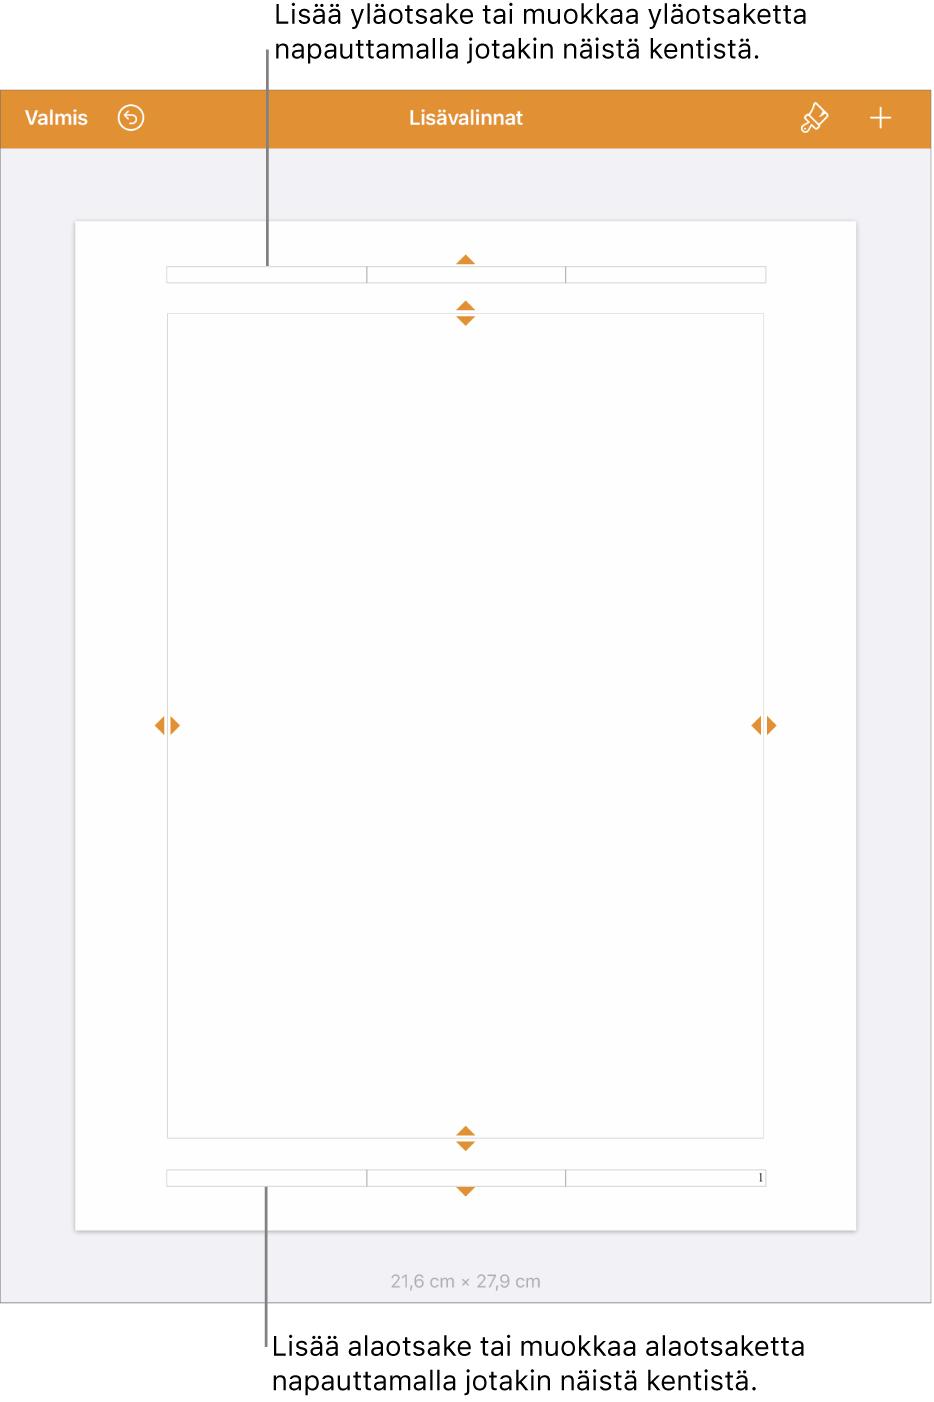 Lisävalinnat-näkymä, jossa kolme kenttää dokumentin yläreunassa yläotsakkeita varten ja kolme kenttää alareunassa alaotsakkeita varten.